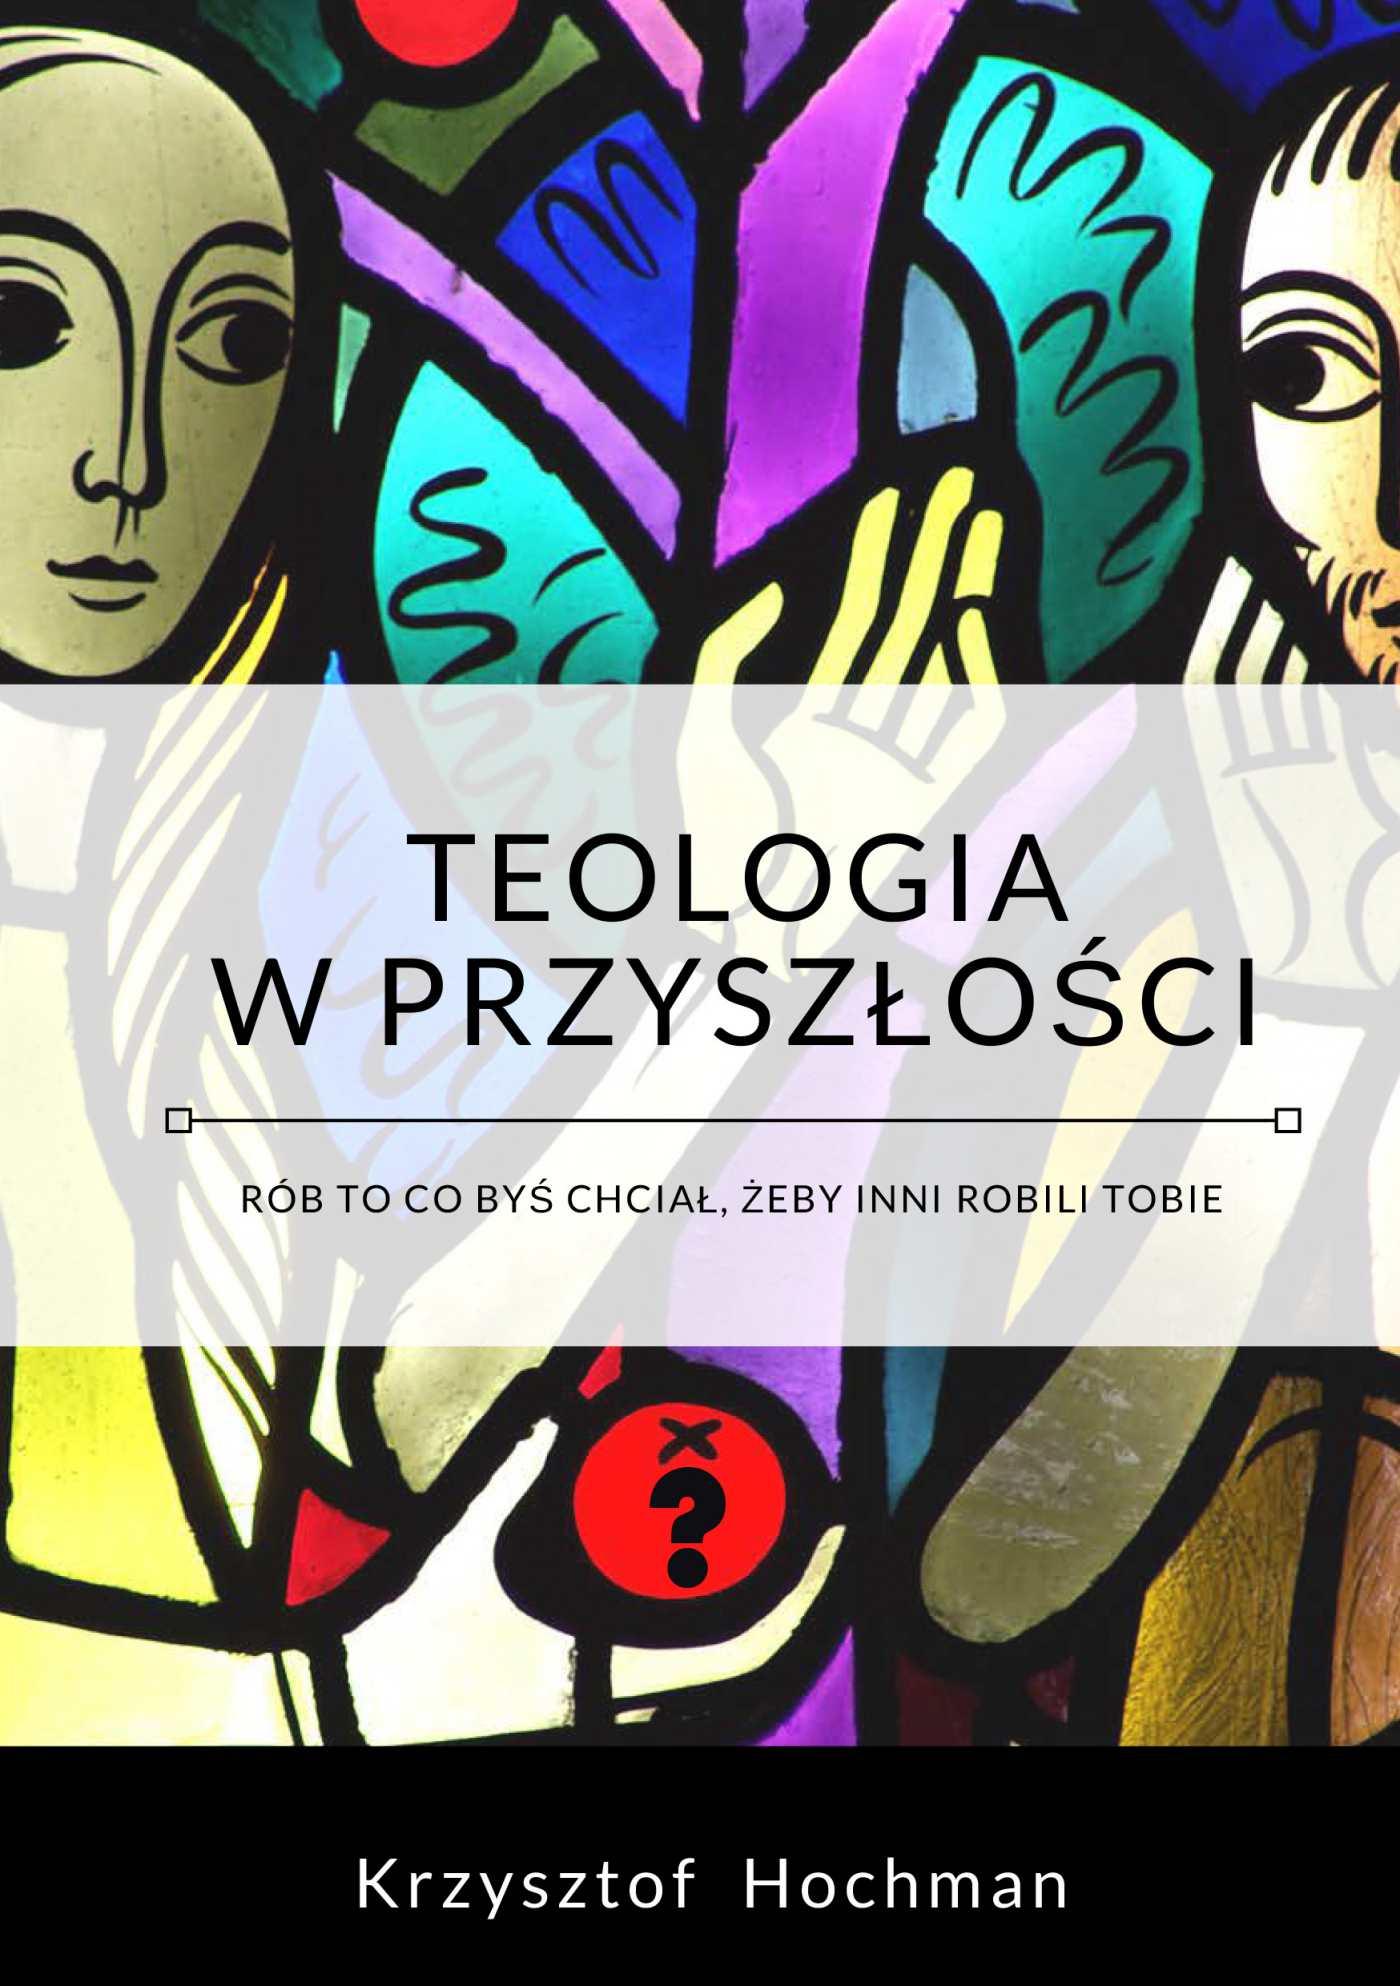 Teologia w przyszłości - Ebook (Książka EPUB) do pobrania w formacie EPUB